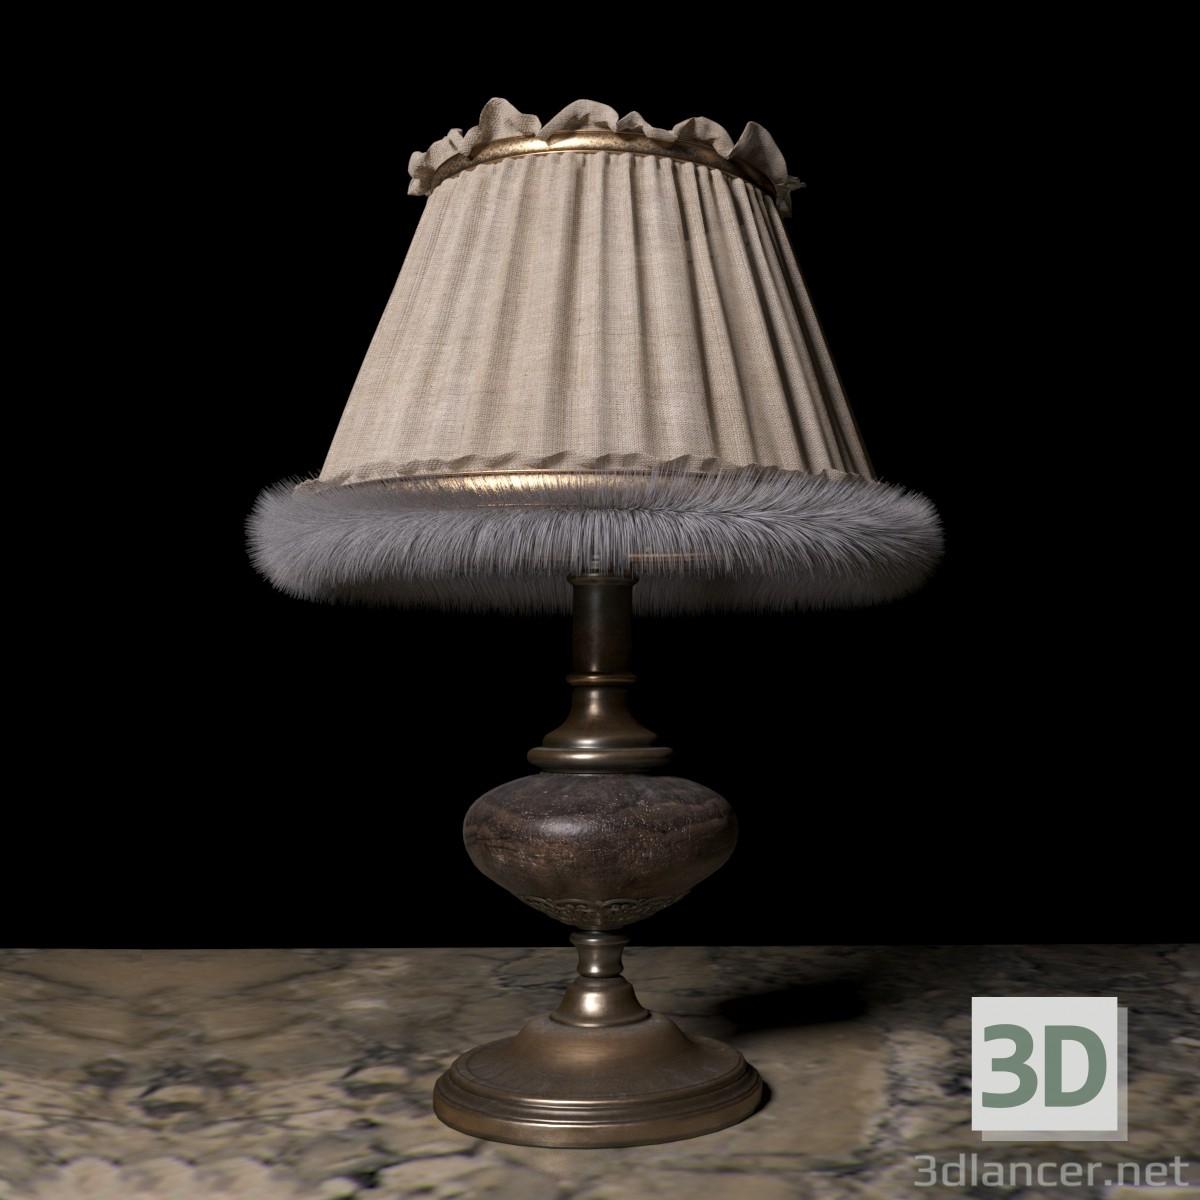 3D Modell Tischleuchte - Vorschau